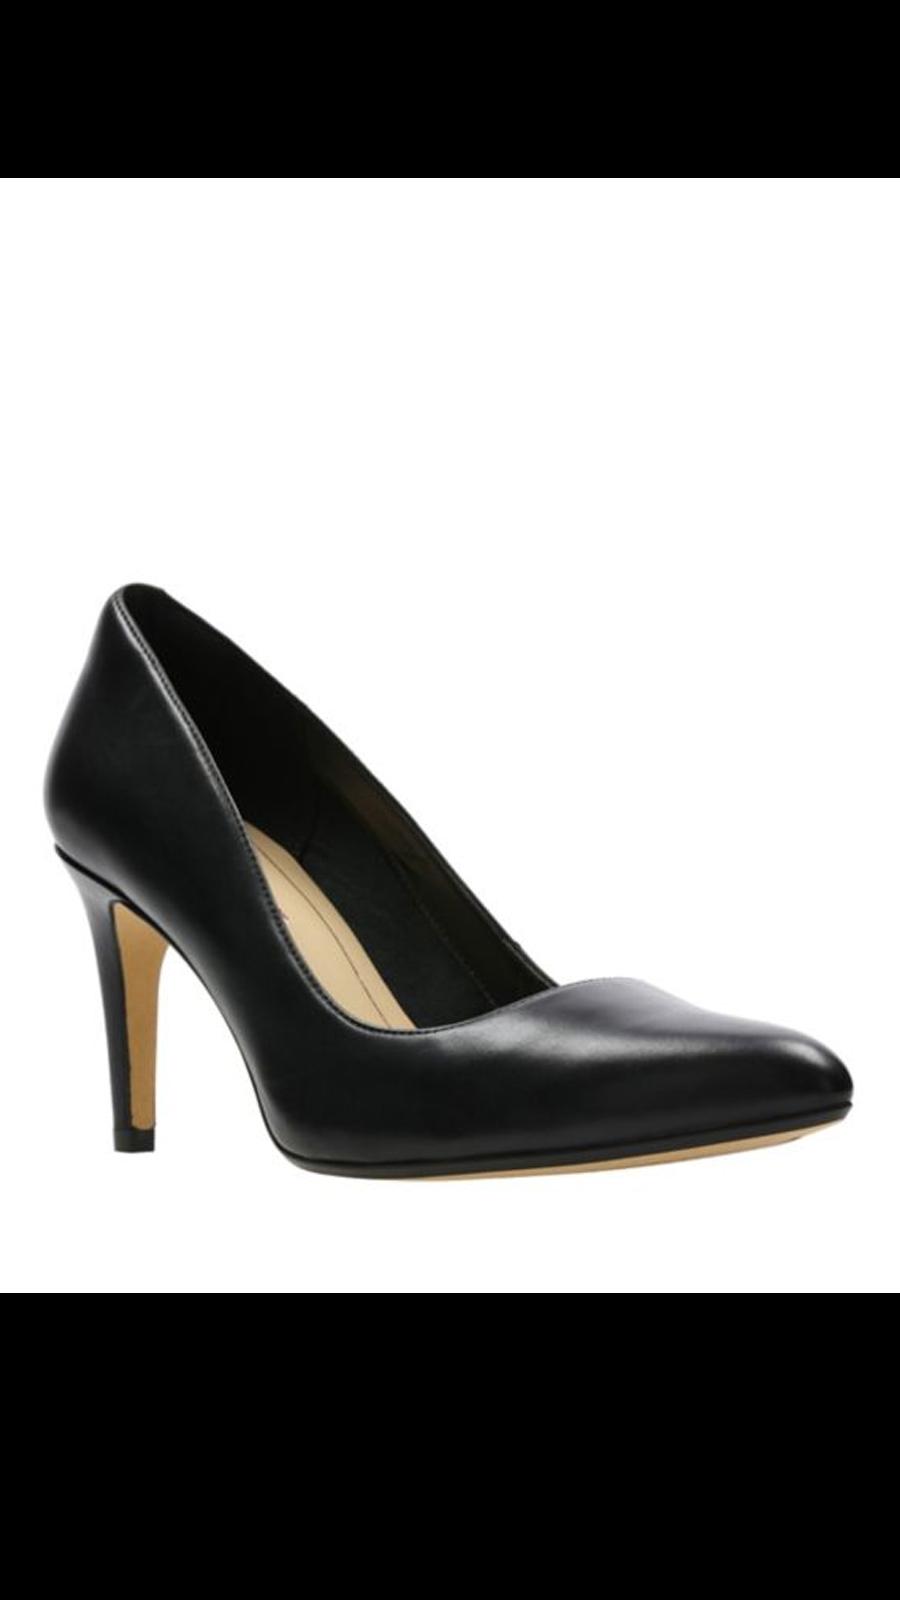 61170d1190 Zapatos de fiesta cómodos: 10 modelos que no te querrás quitar - InStyle